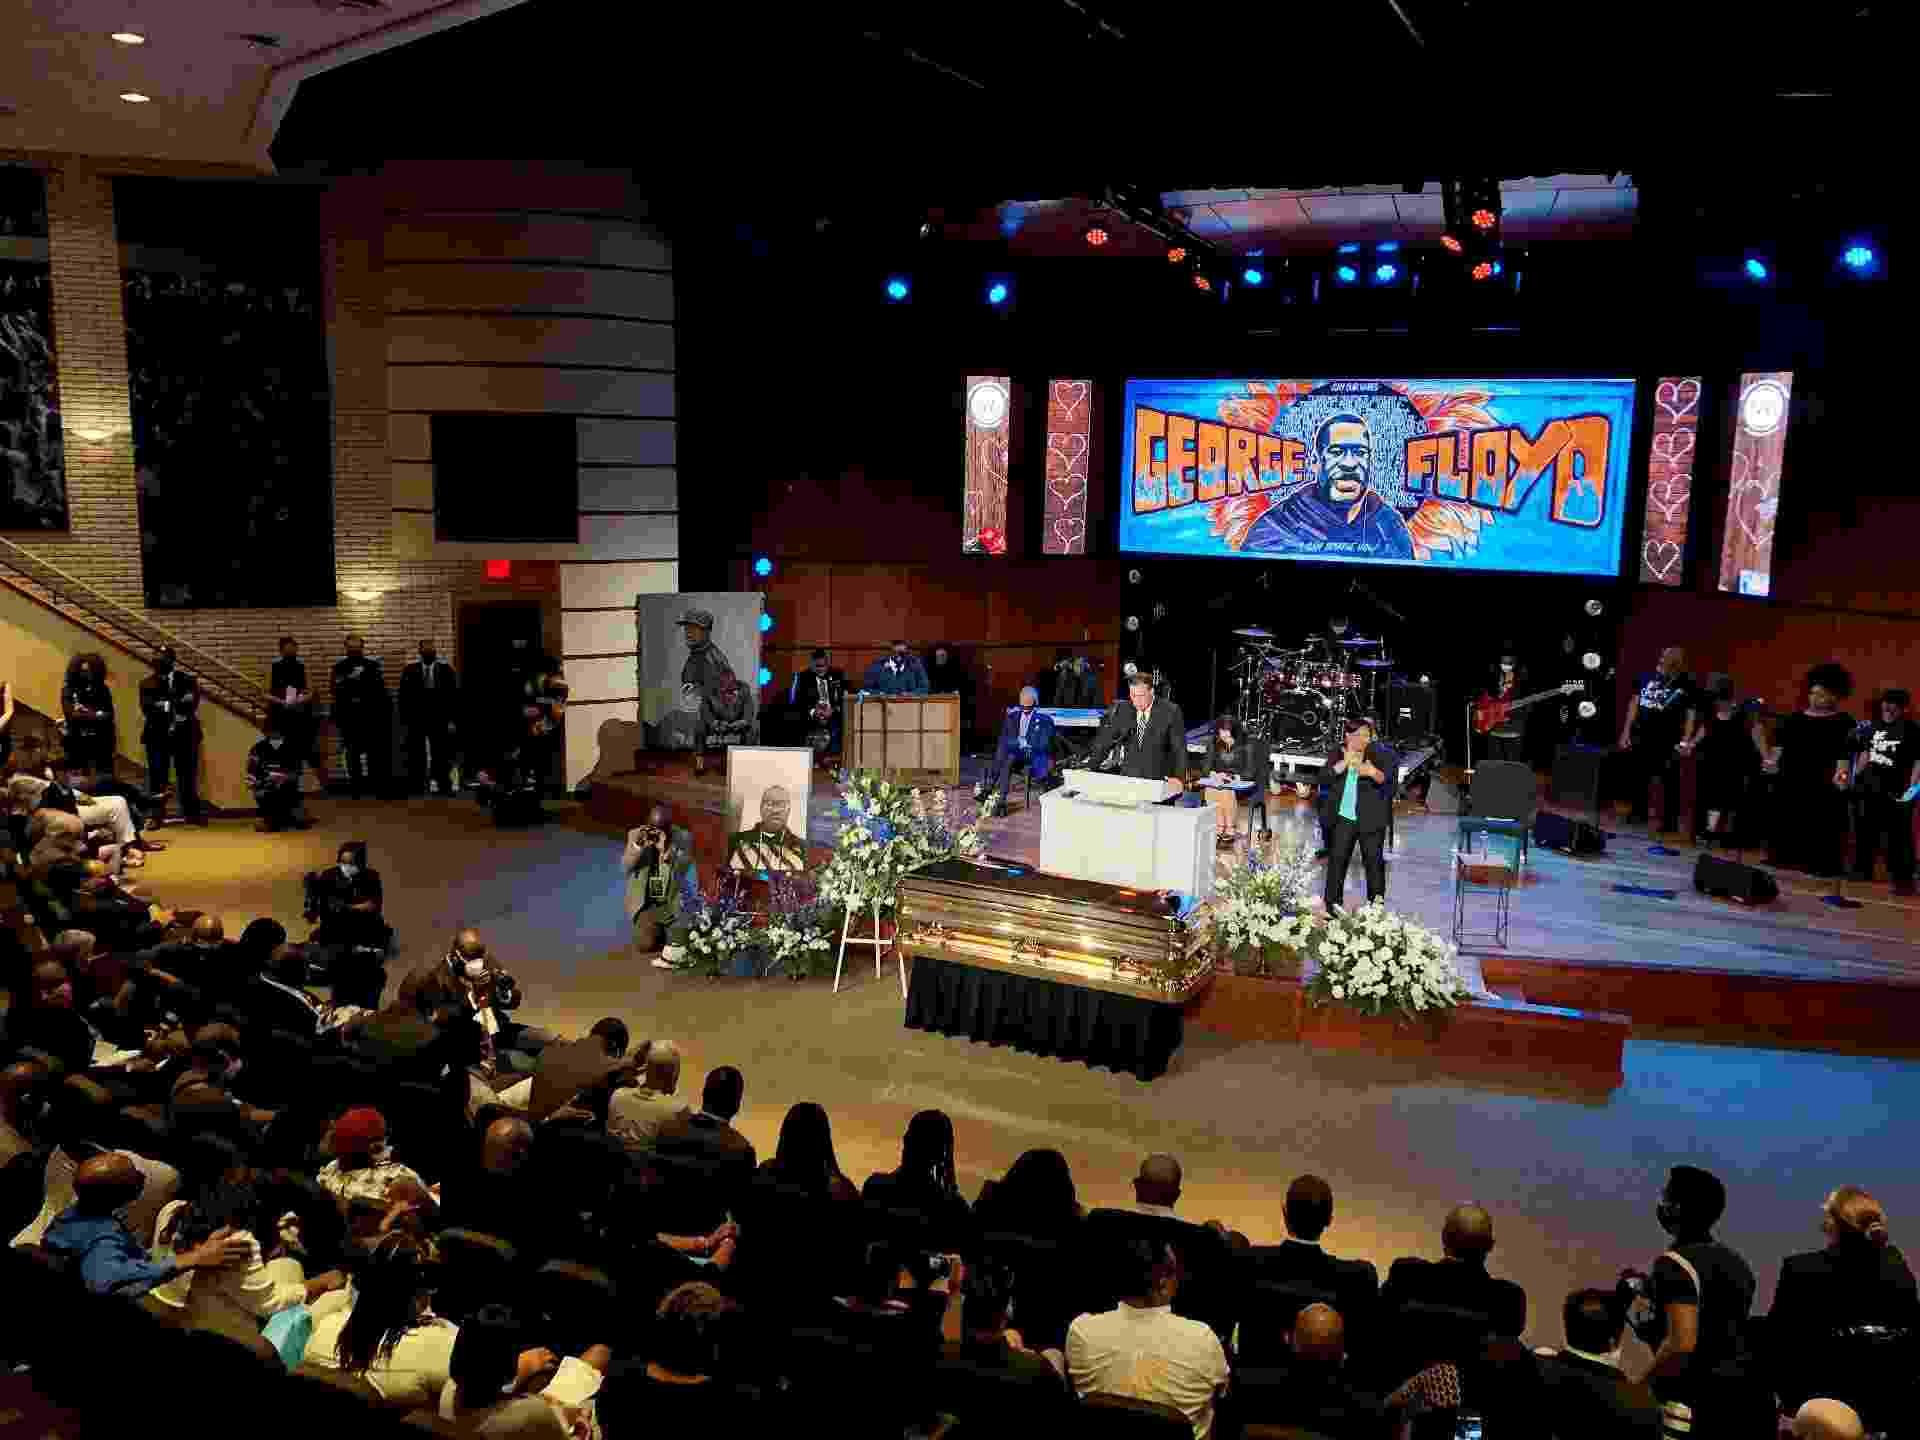 As homenagens para Floyd, de 46 anos, se estenderão por seis dias e três Estados, disse o advogado da família de Floyd à mídia - Kerem Yucel/AFP